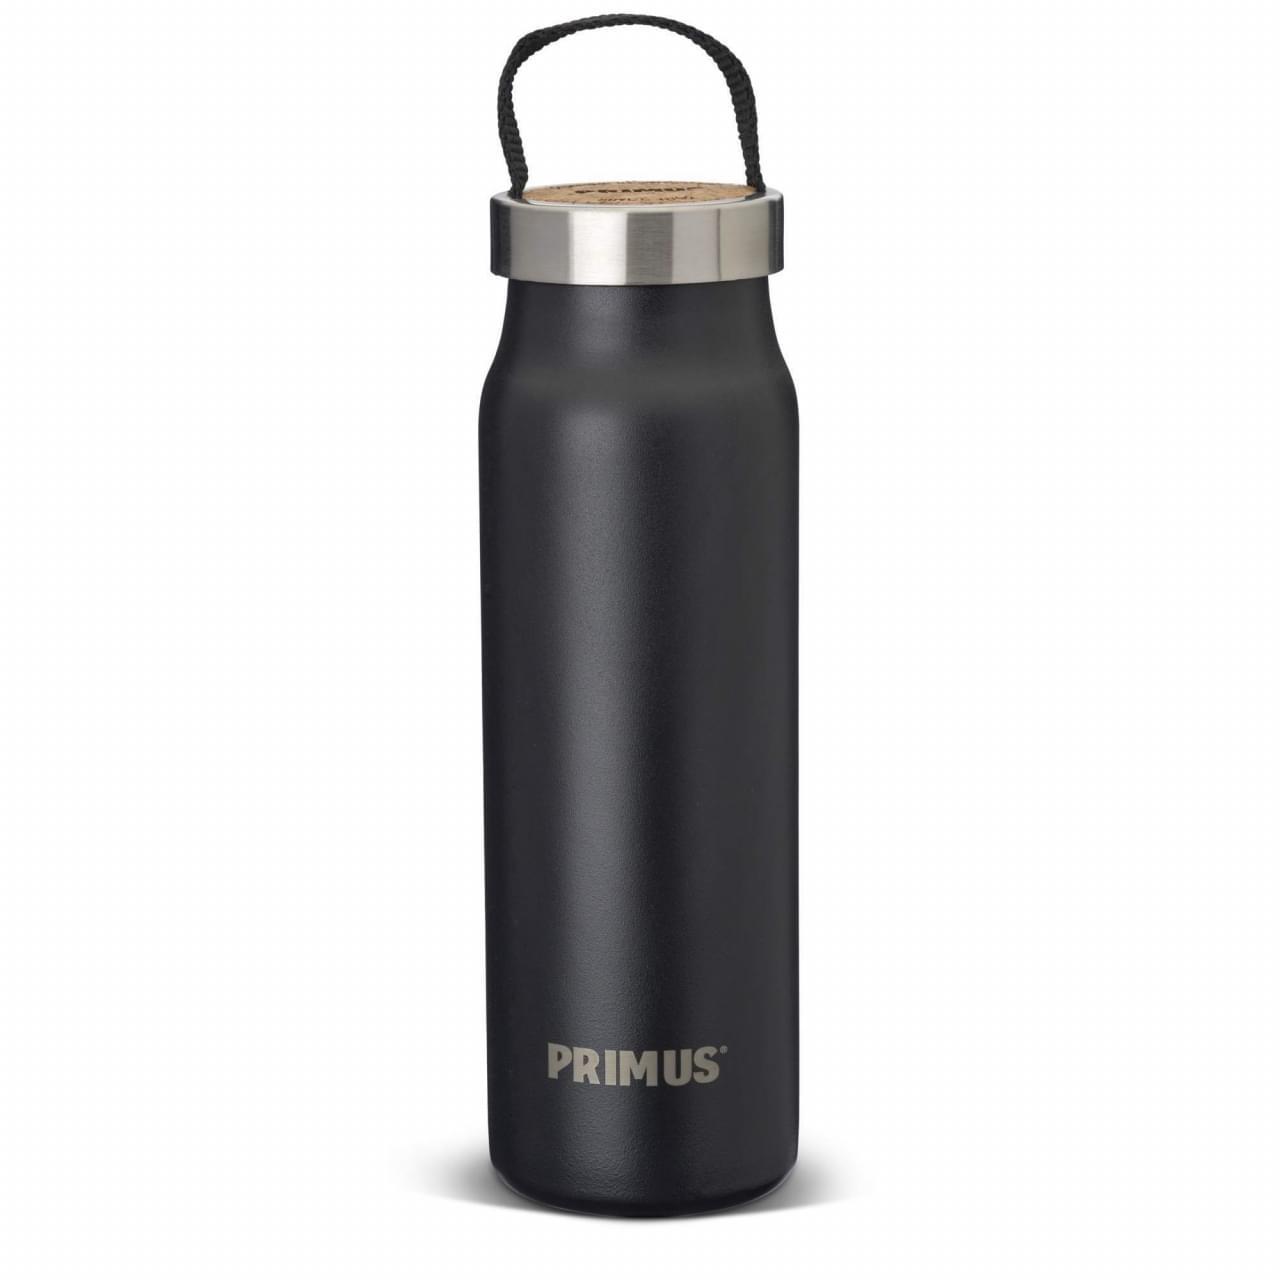 Primus Klunken Drinkfles Zwart